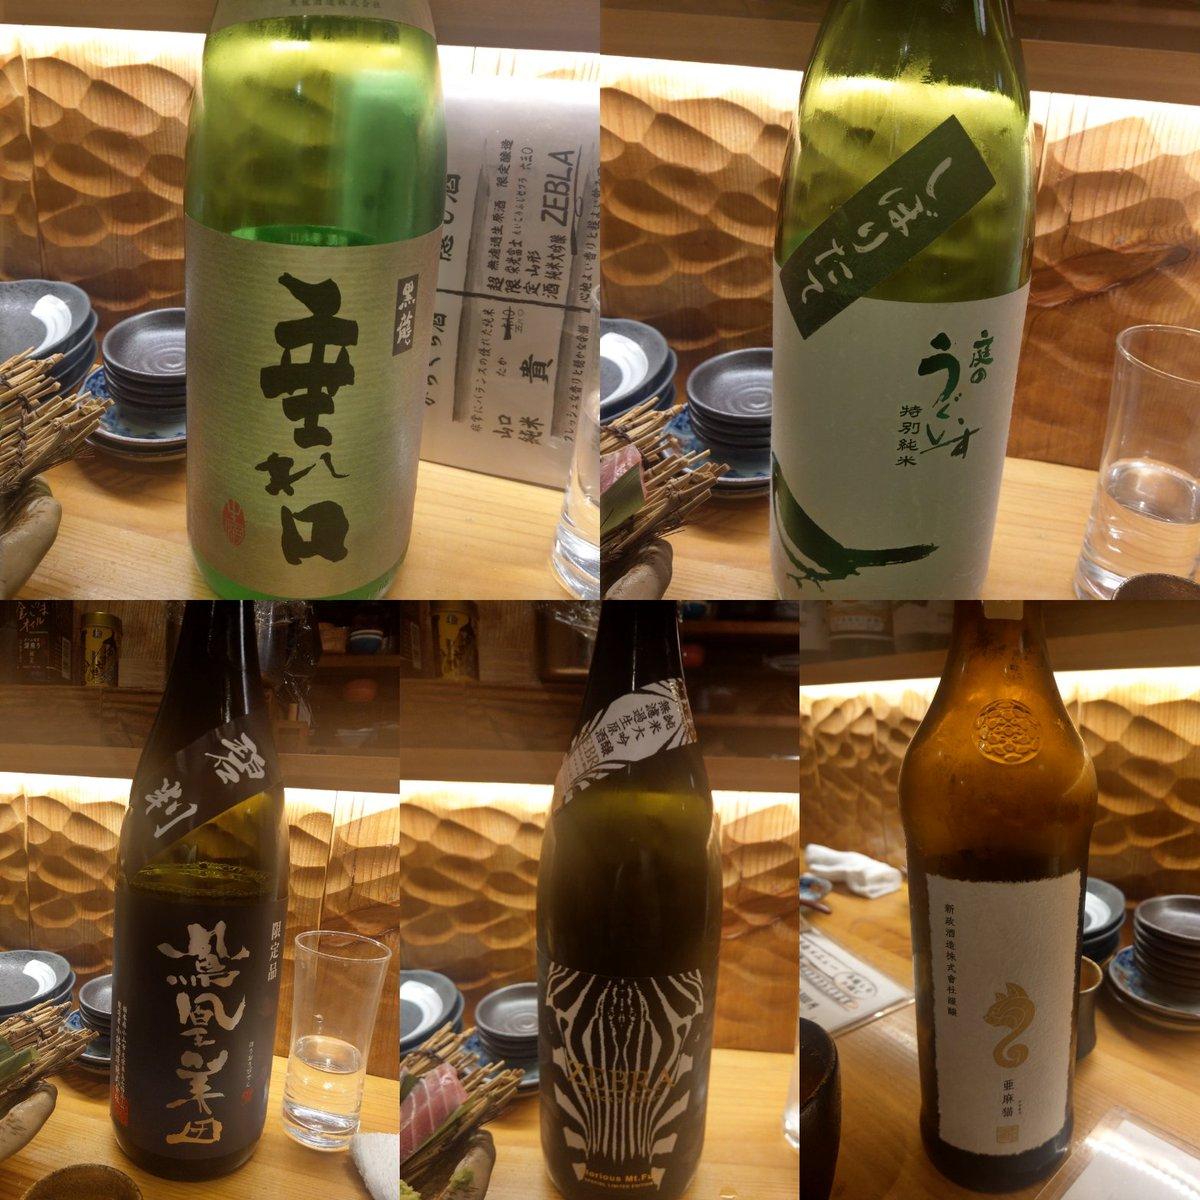 test ツイッターメディア - 昨日は久しぶりな友達の誕生日祝い飲み  なかなか良い店でした!  日本酒は栄光冨士のゼブラが一番好みだった! 買いに行こう!😃 https://t.co/2vFQRAhTdT